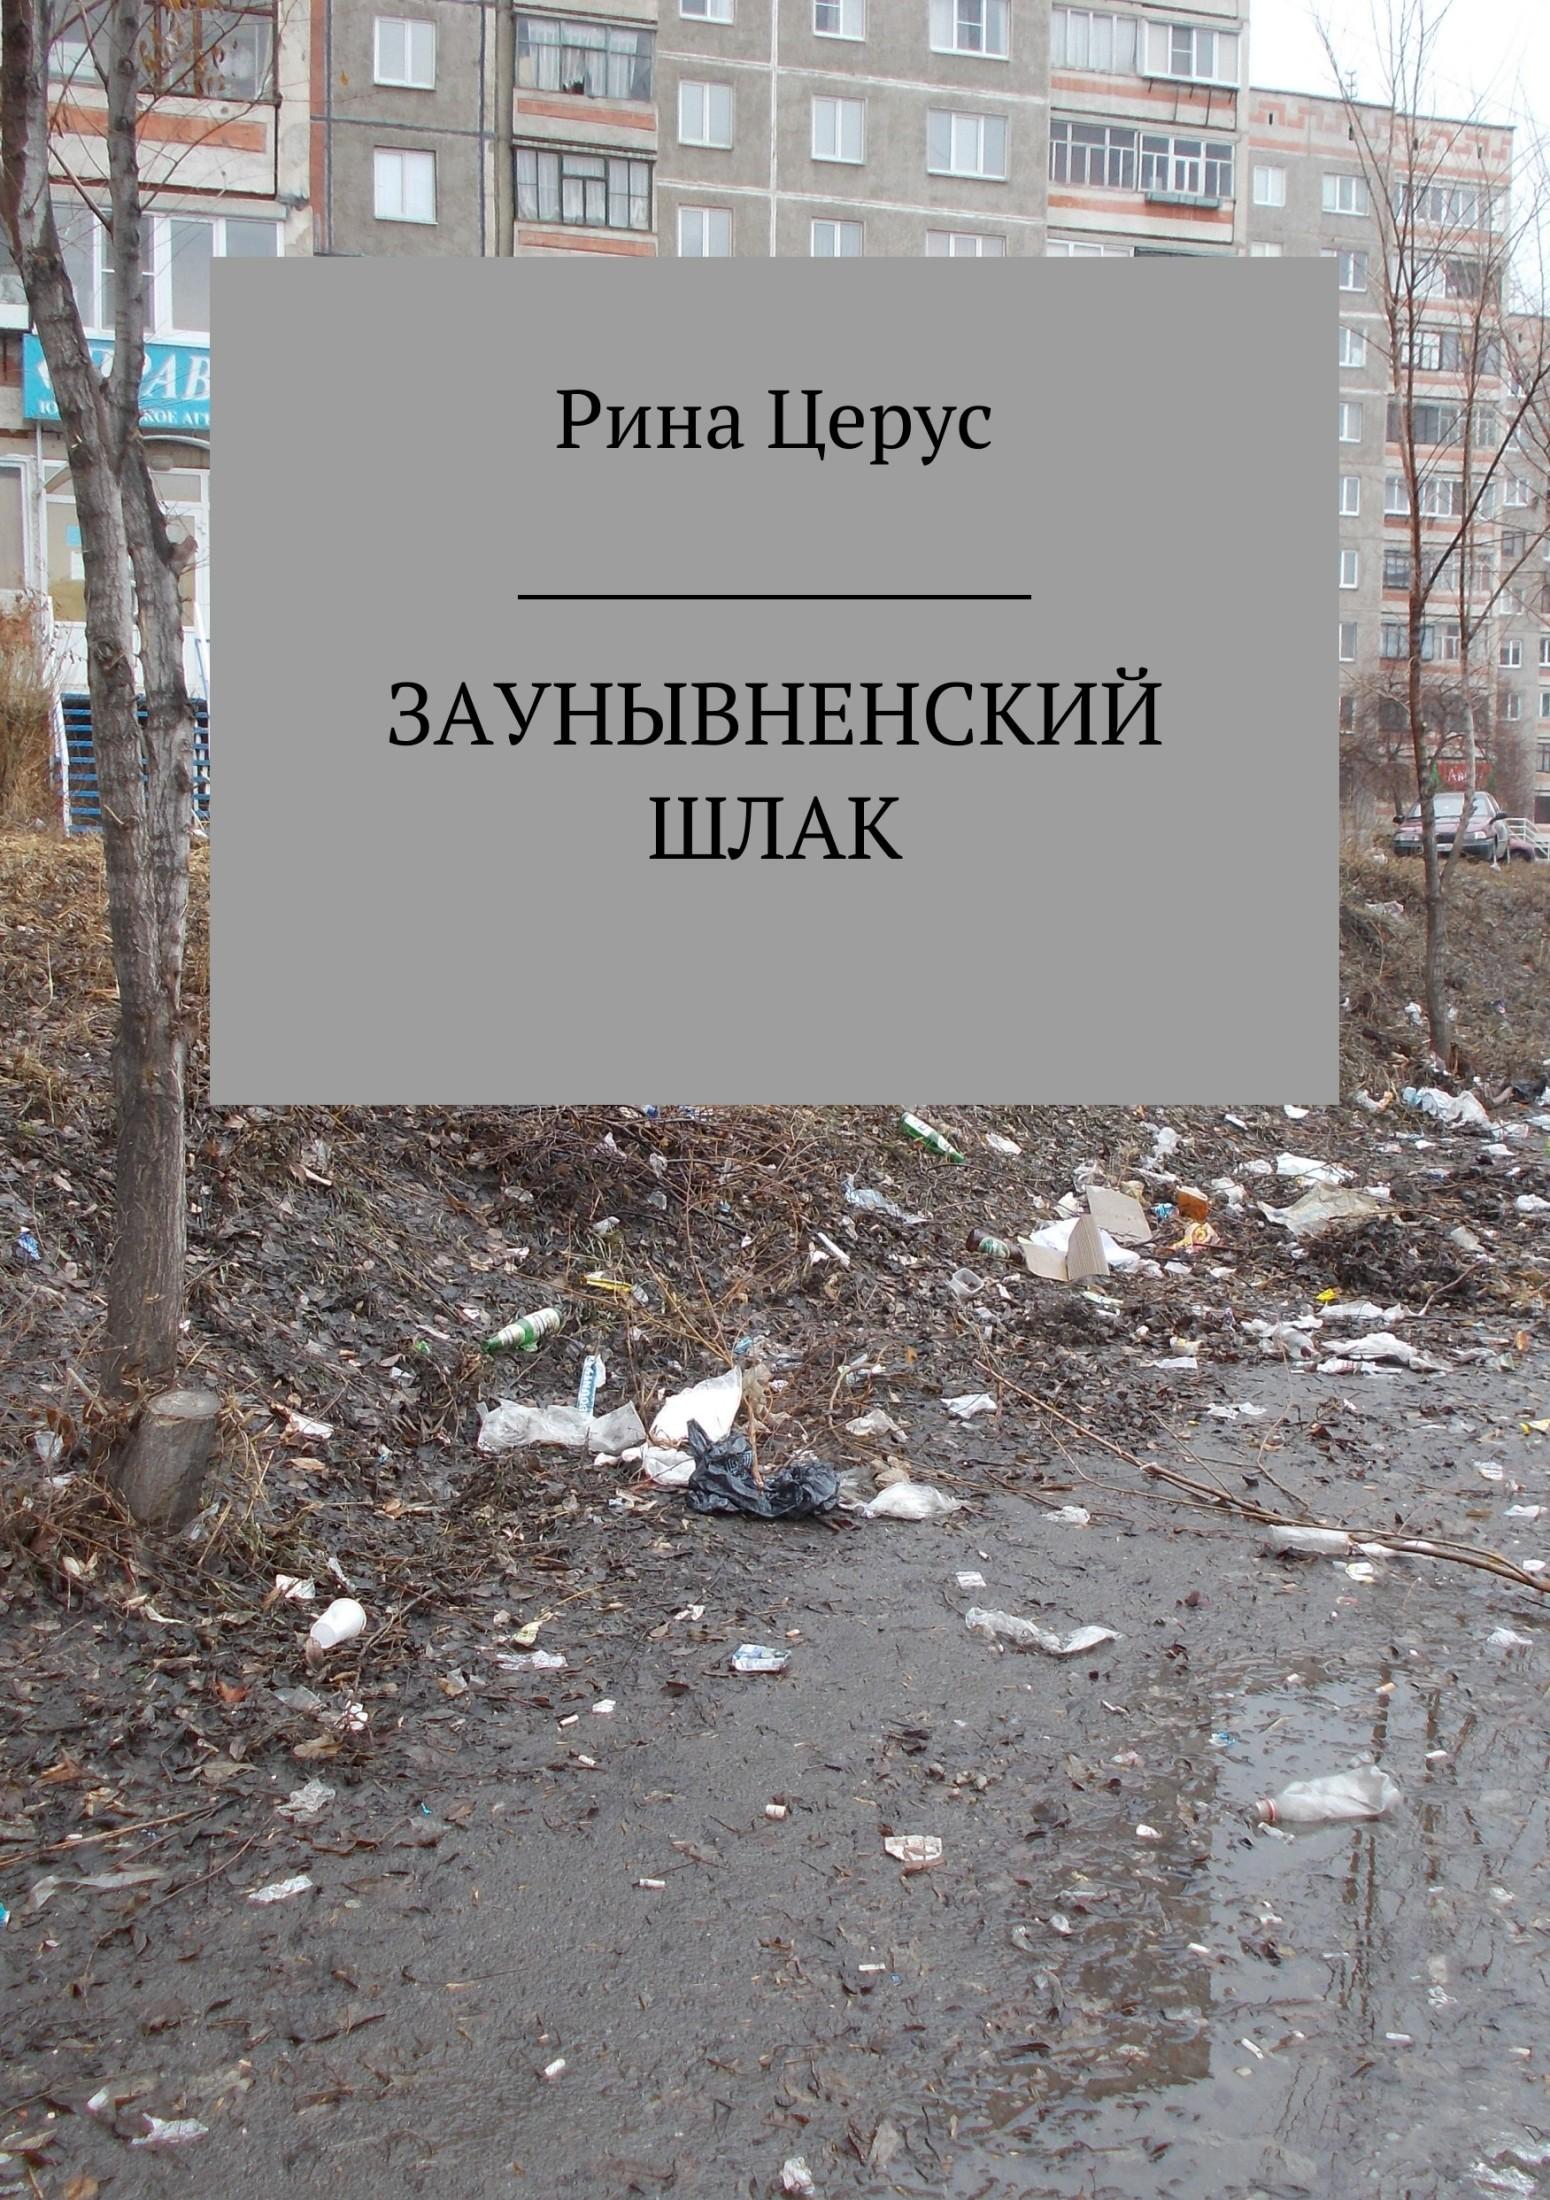 Рина Церус Зауныненский шлак